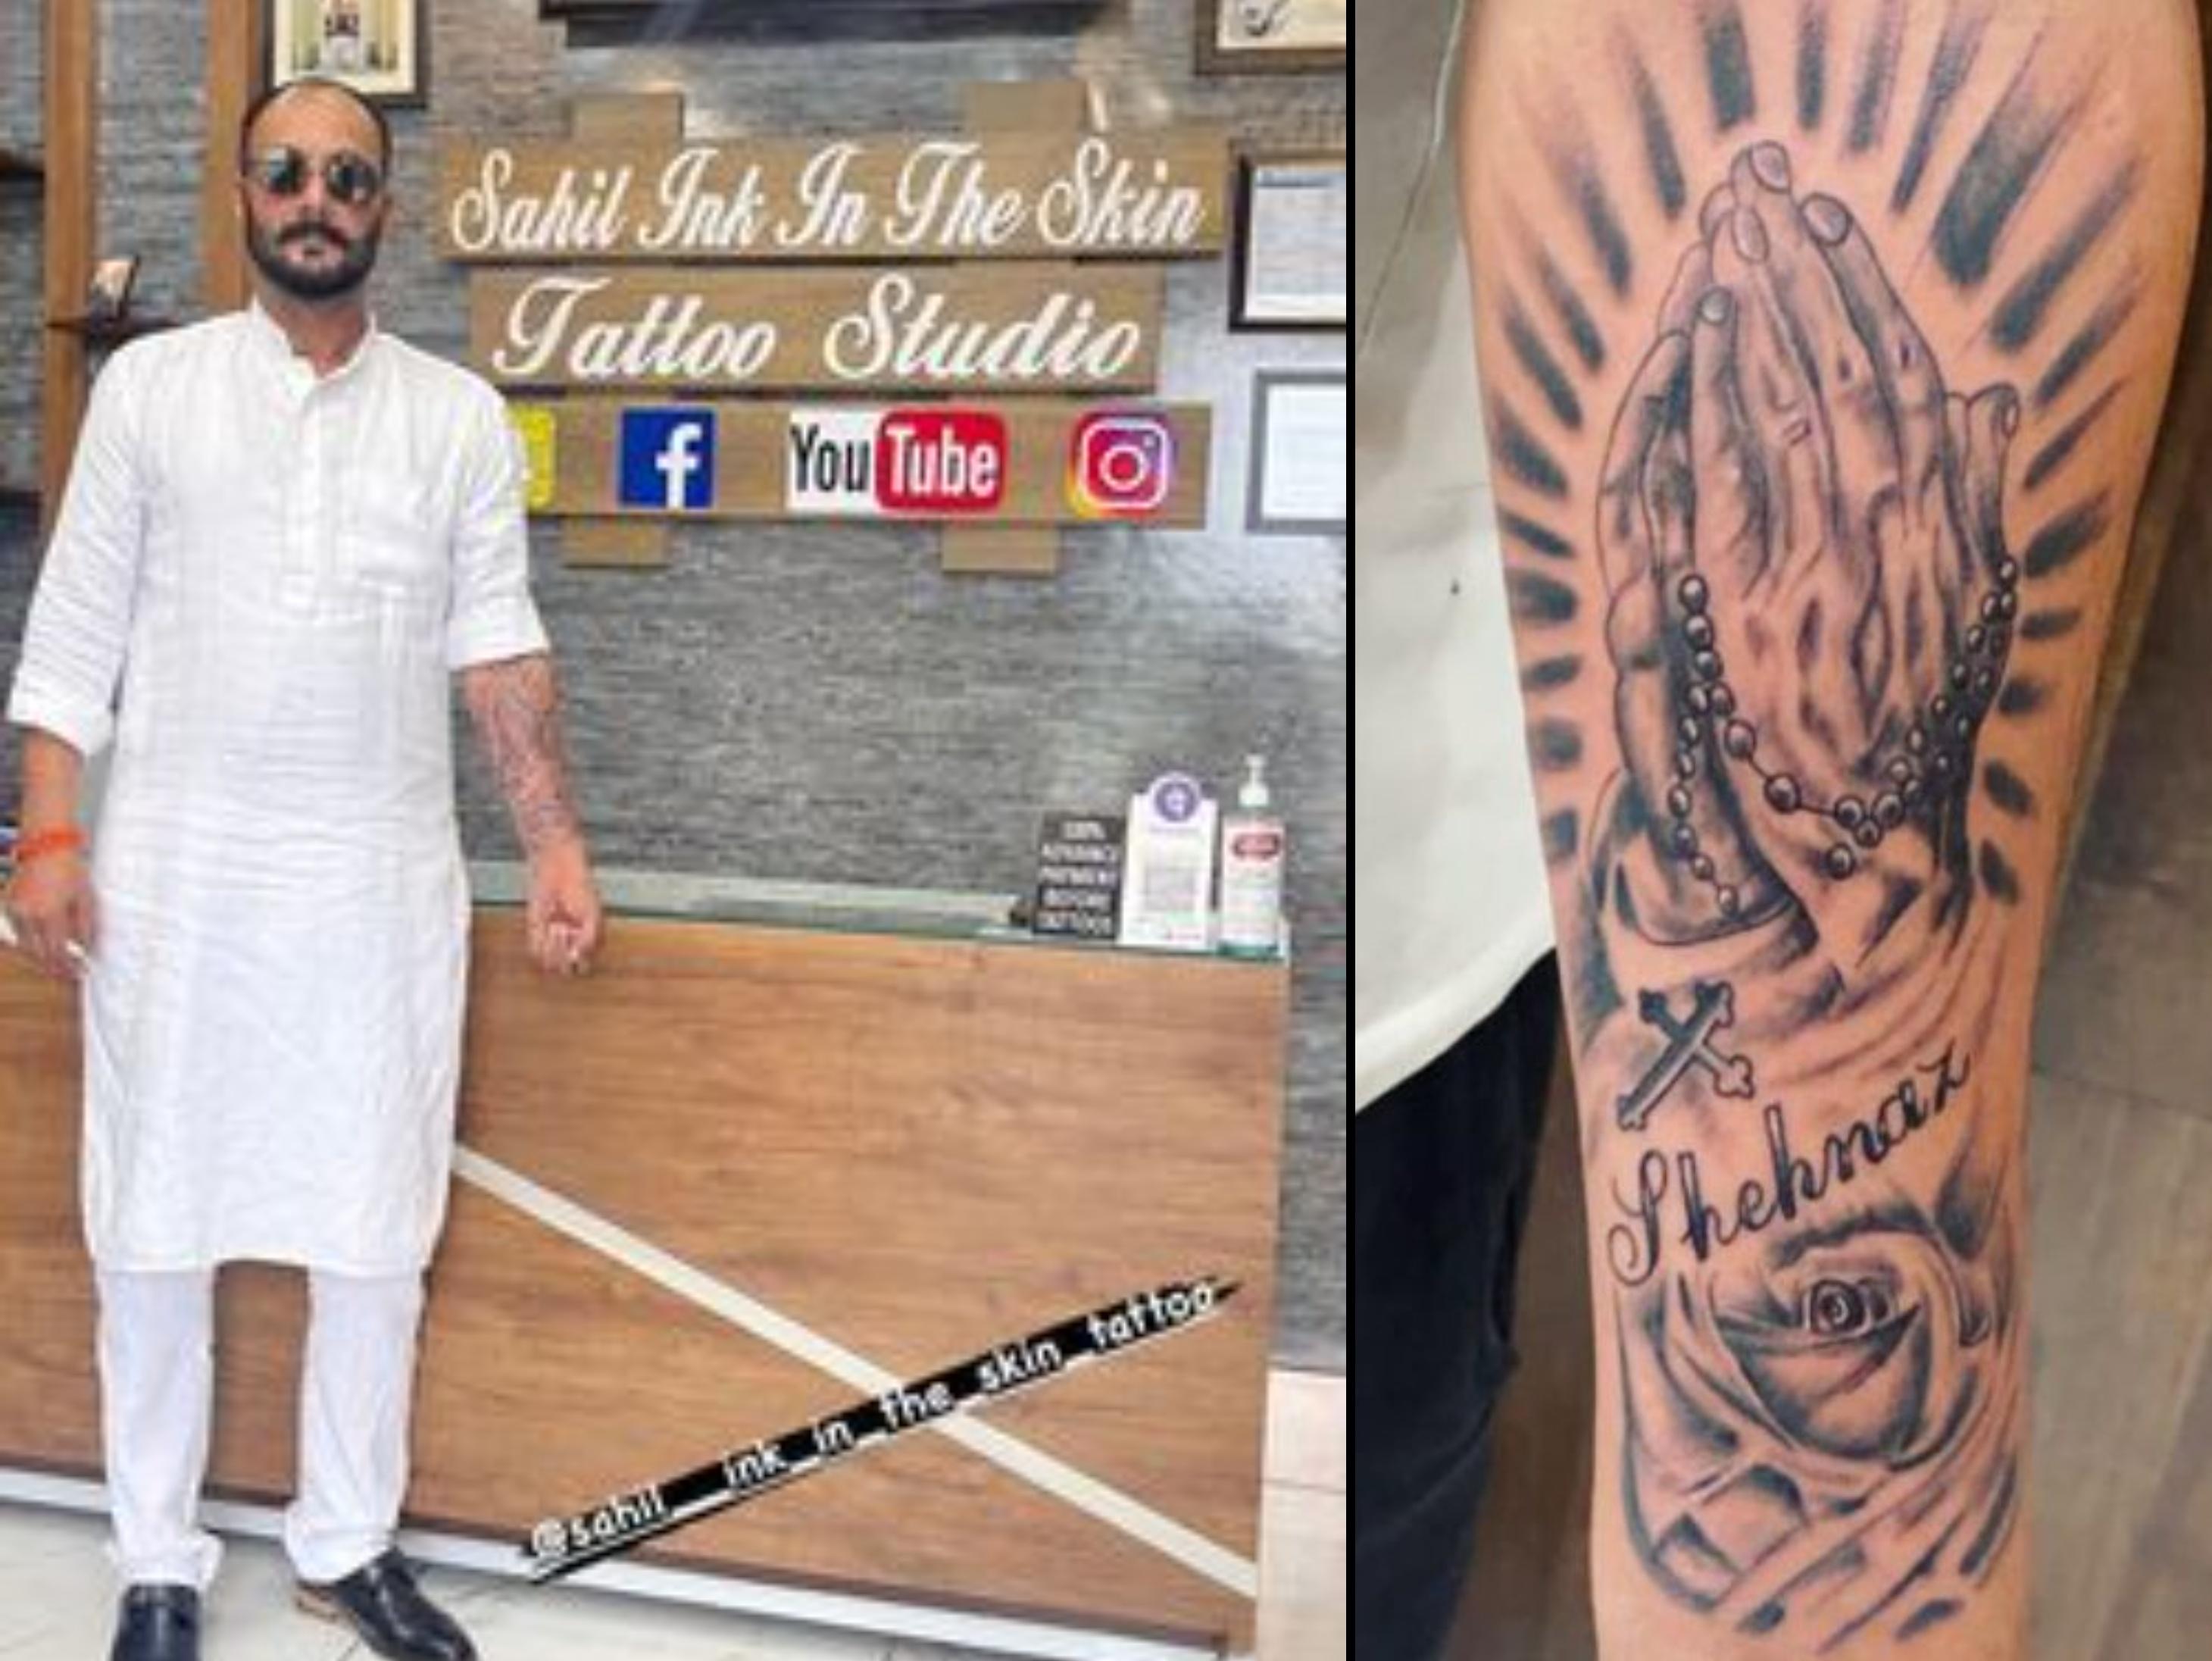 सिद्धार्थ शुक्ला के गम में डूबी शहनाज को अच्छा लगे इसलिए पिता संतोख ने हाथ पर लिखवाया बेटी का नाम बॉलीवुड,Bollywood - Dainik Bhaskar